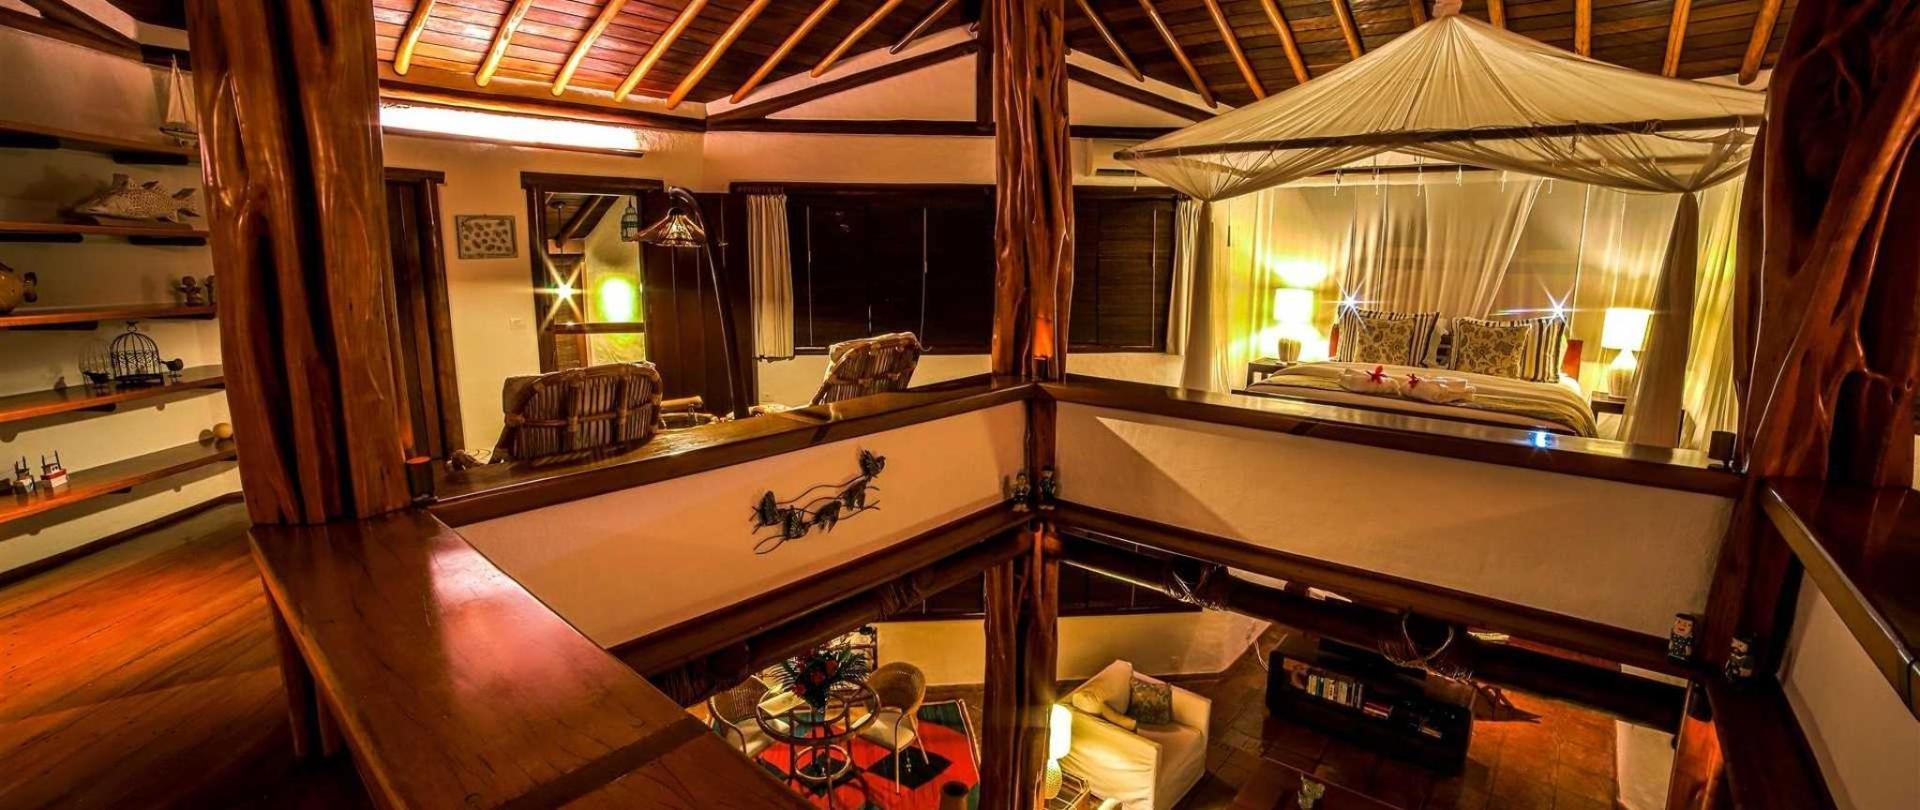 Villas de Trancoso Hotel